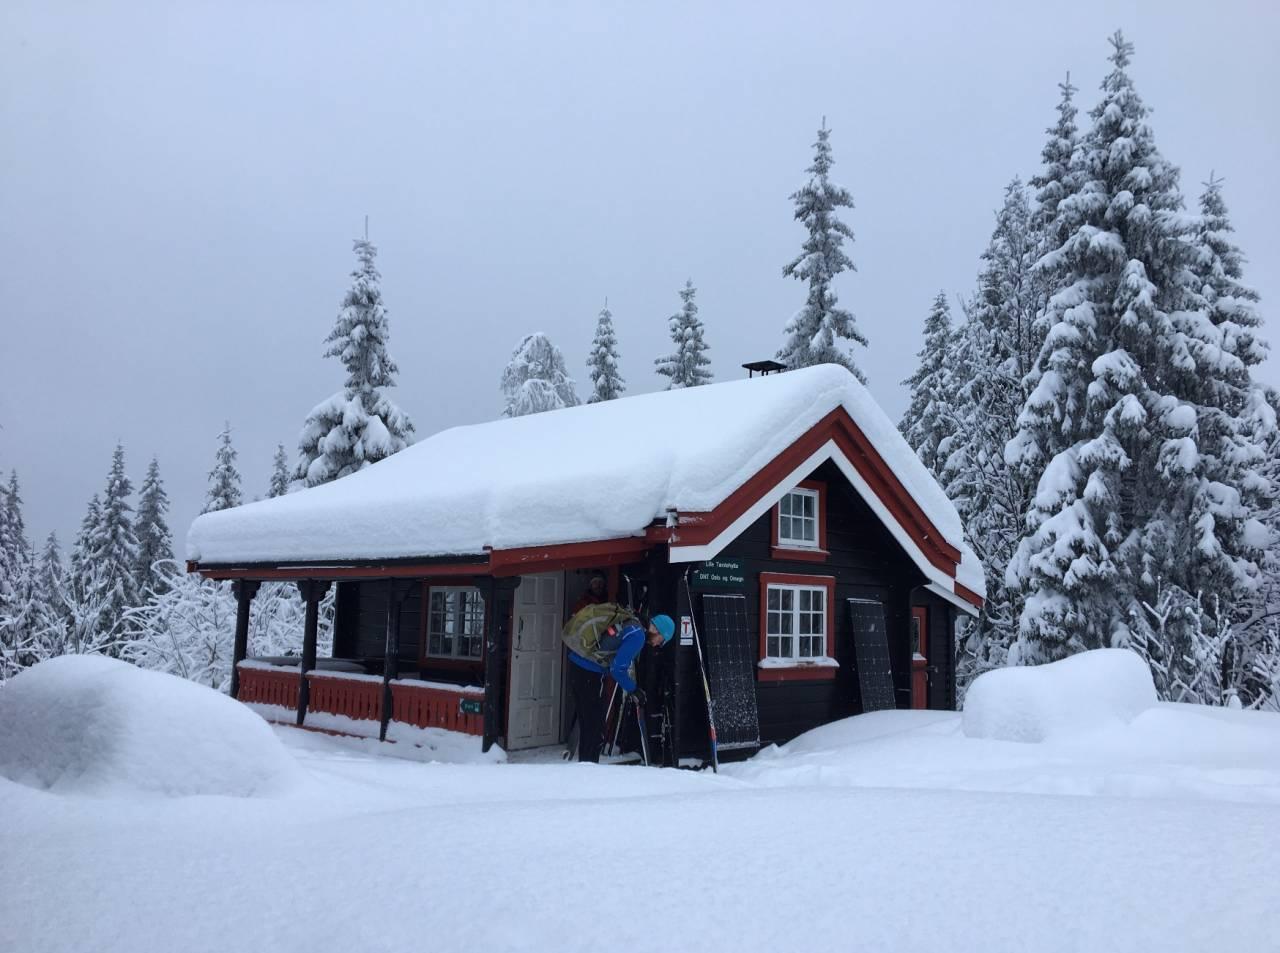 LILLE TØMTEHYTTA: Å våkne opp i slike omgivelser er en fin start på dagen. Foto: Gunhild Aaslie Soldal